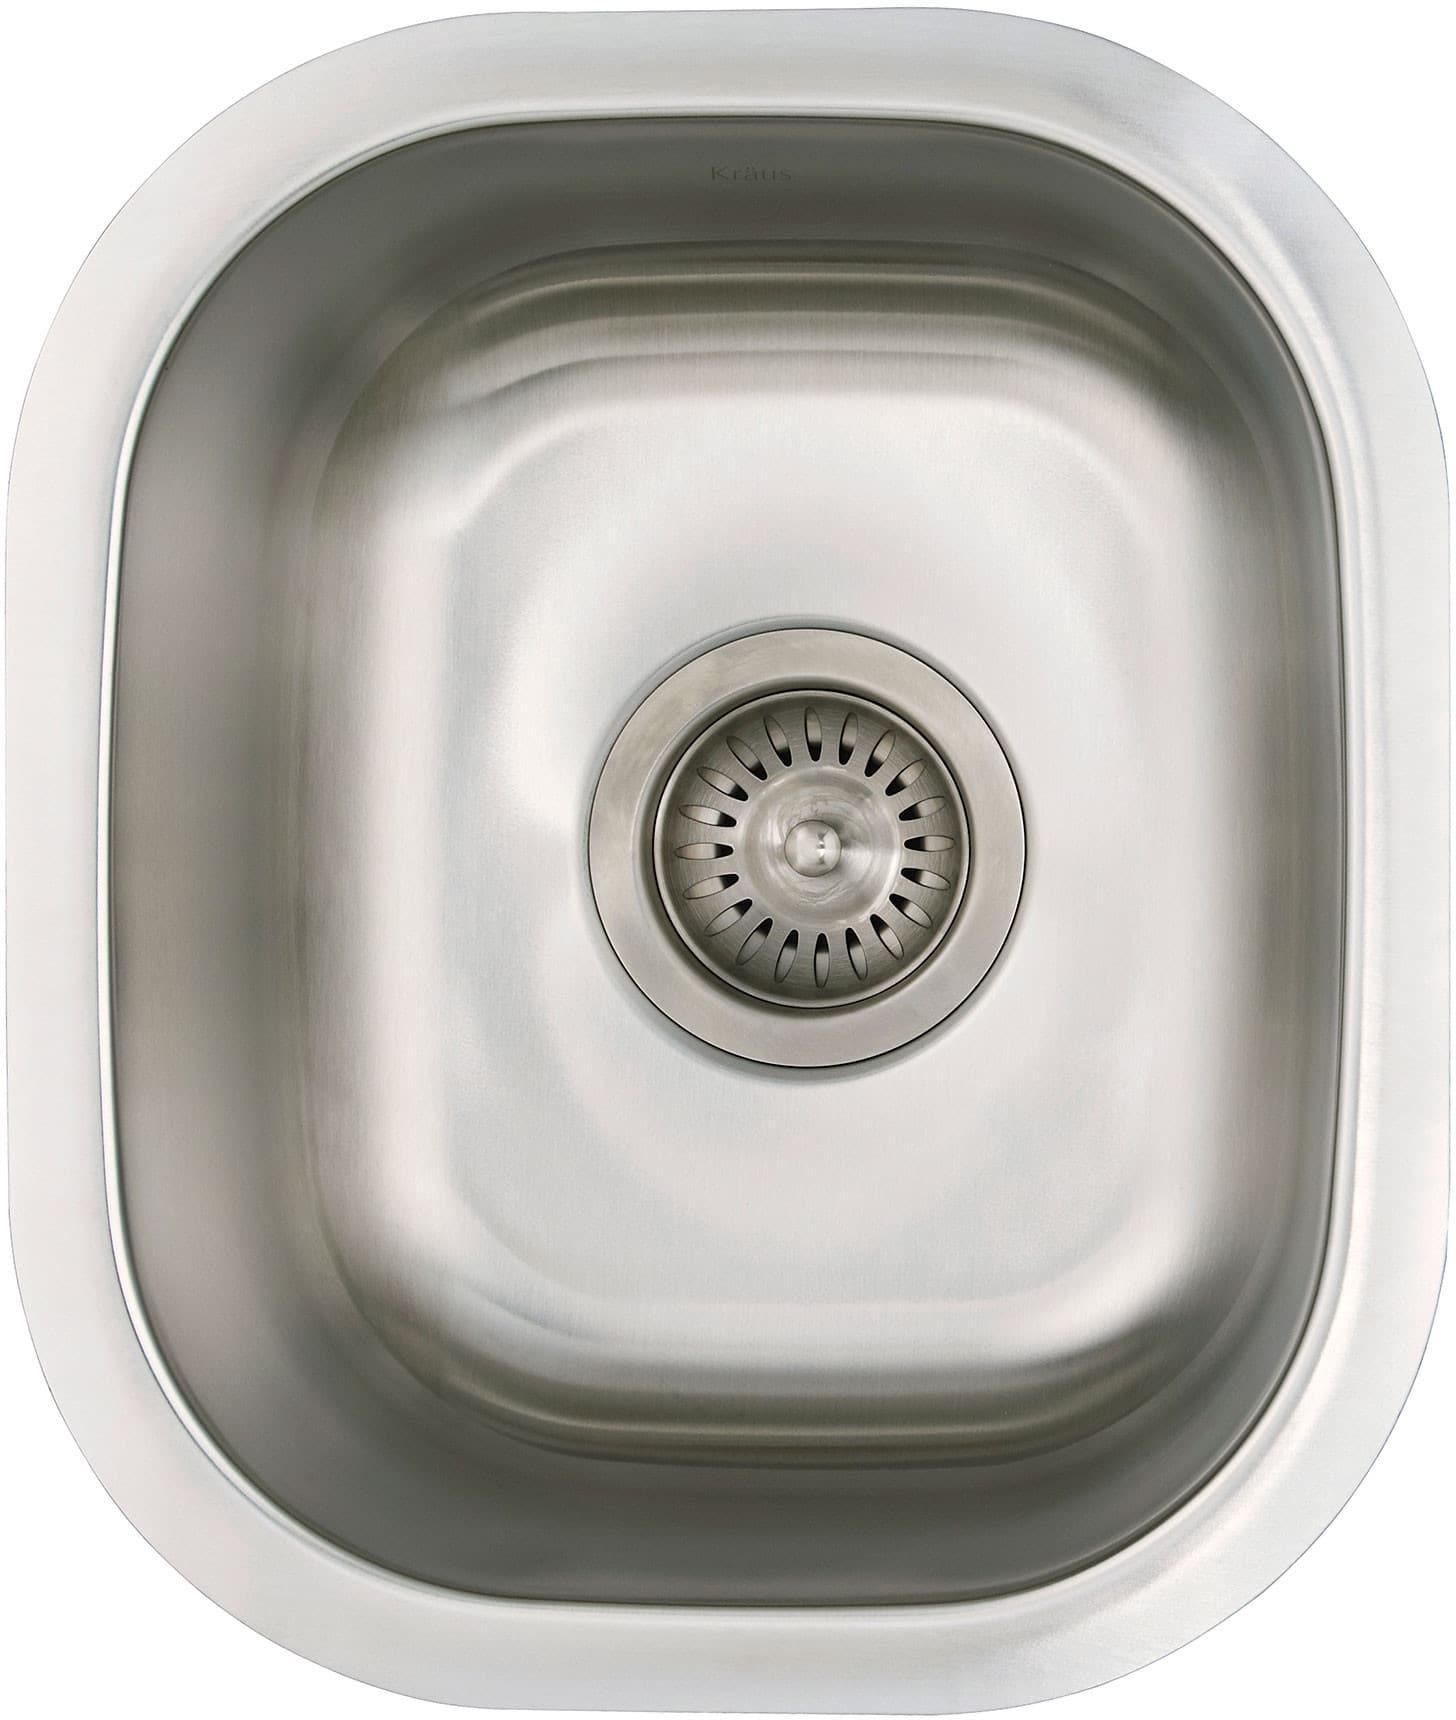 Kraus Kbu17b 13 Inch Undercounter Sink With 7 Inch Basin Depth 18